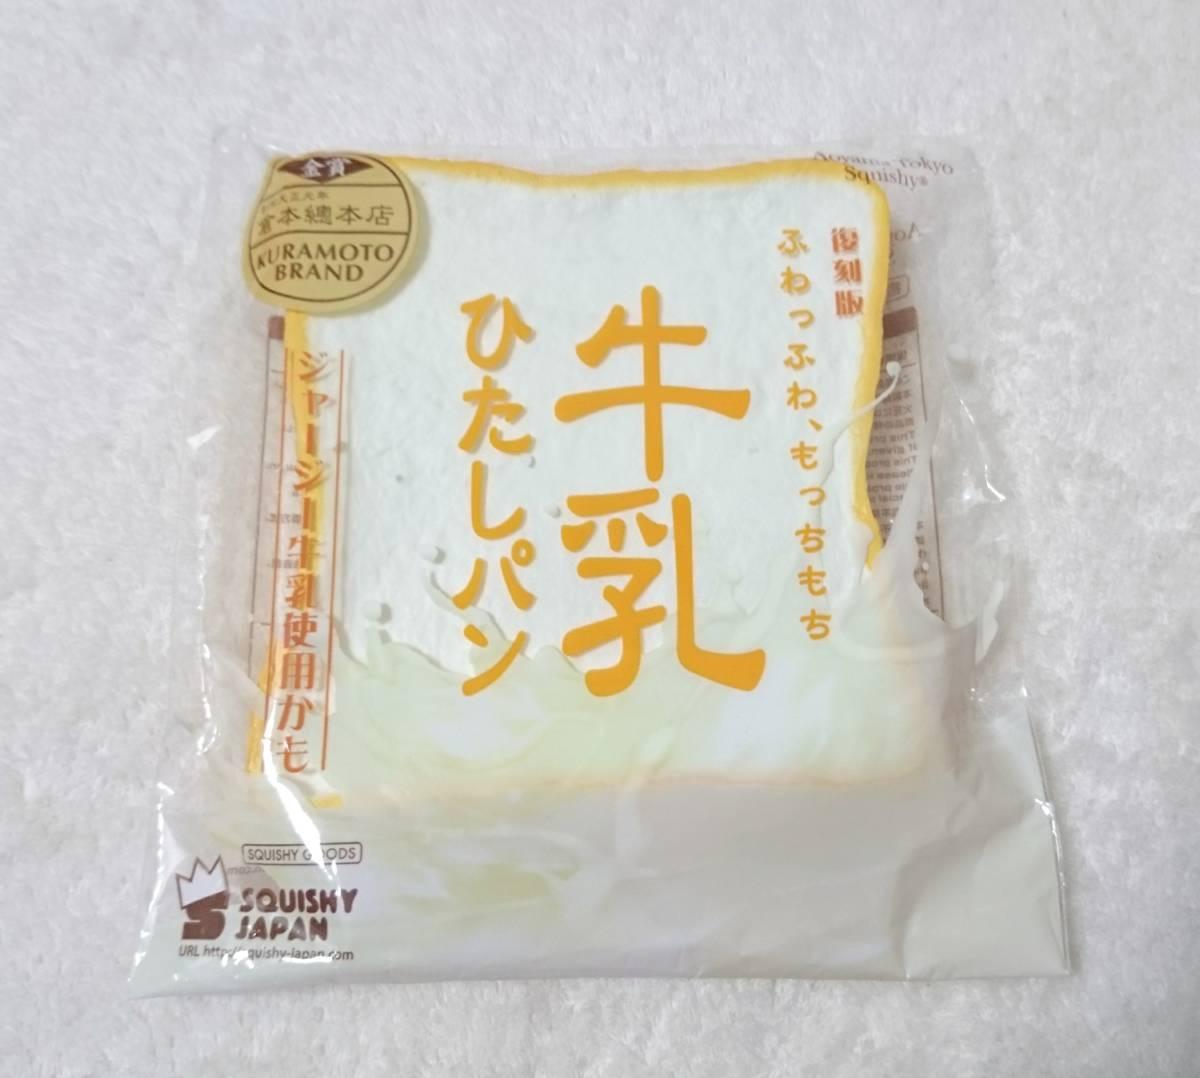 スクイーズ BLOOM ブルーム 復刻版 牛乳ひたしパン ノーマル